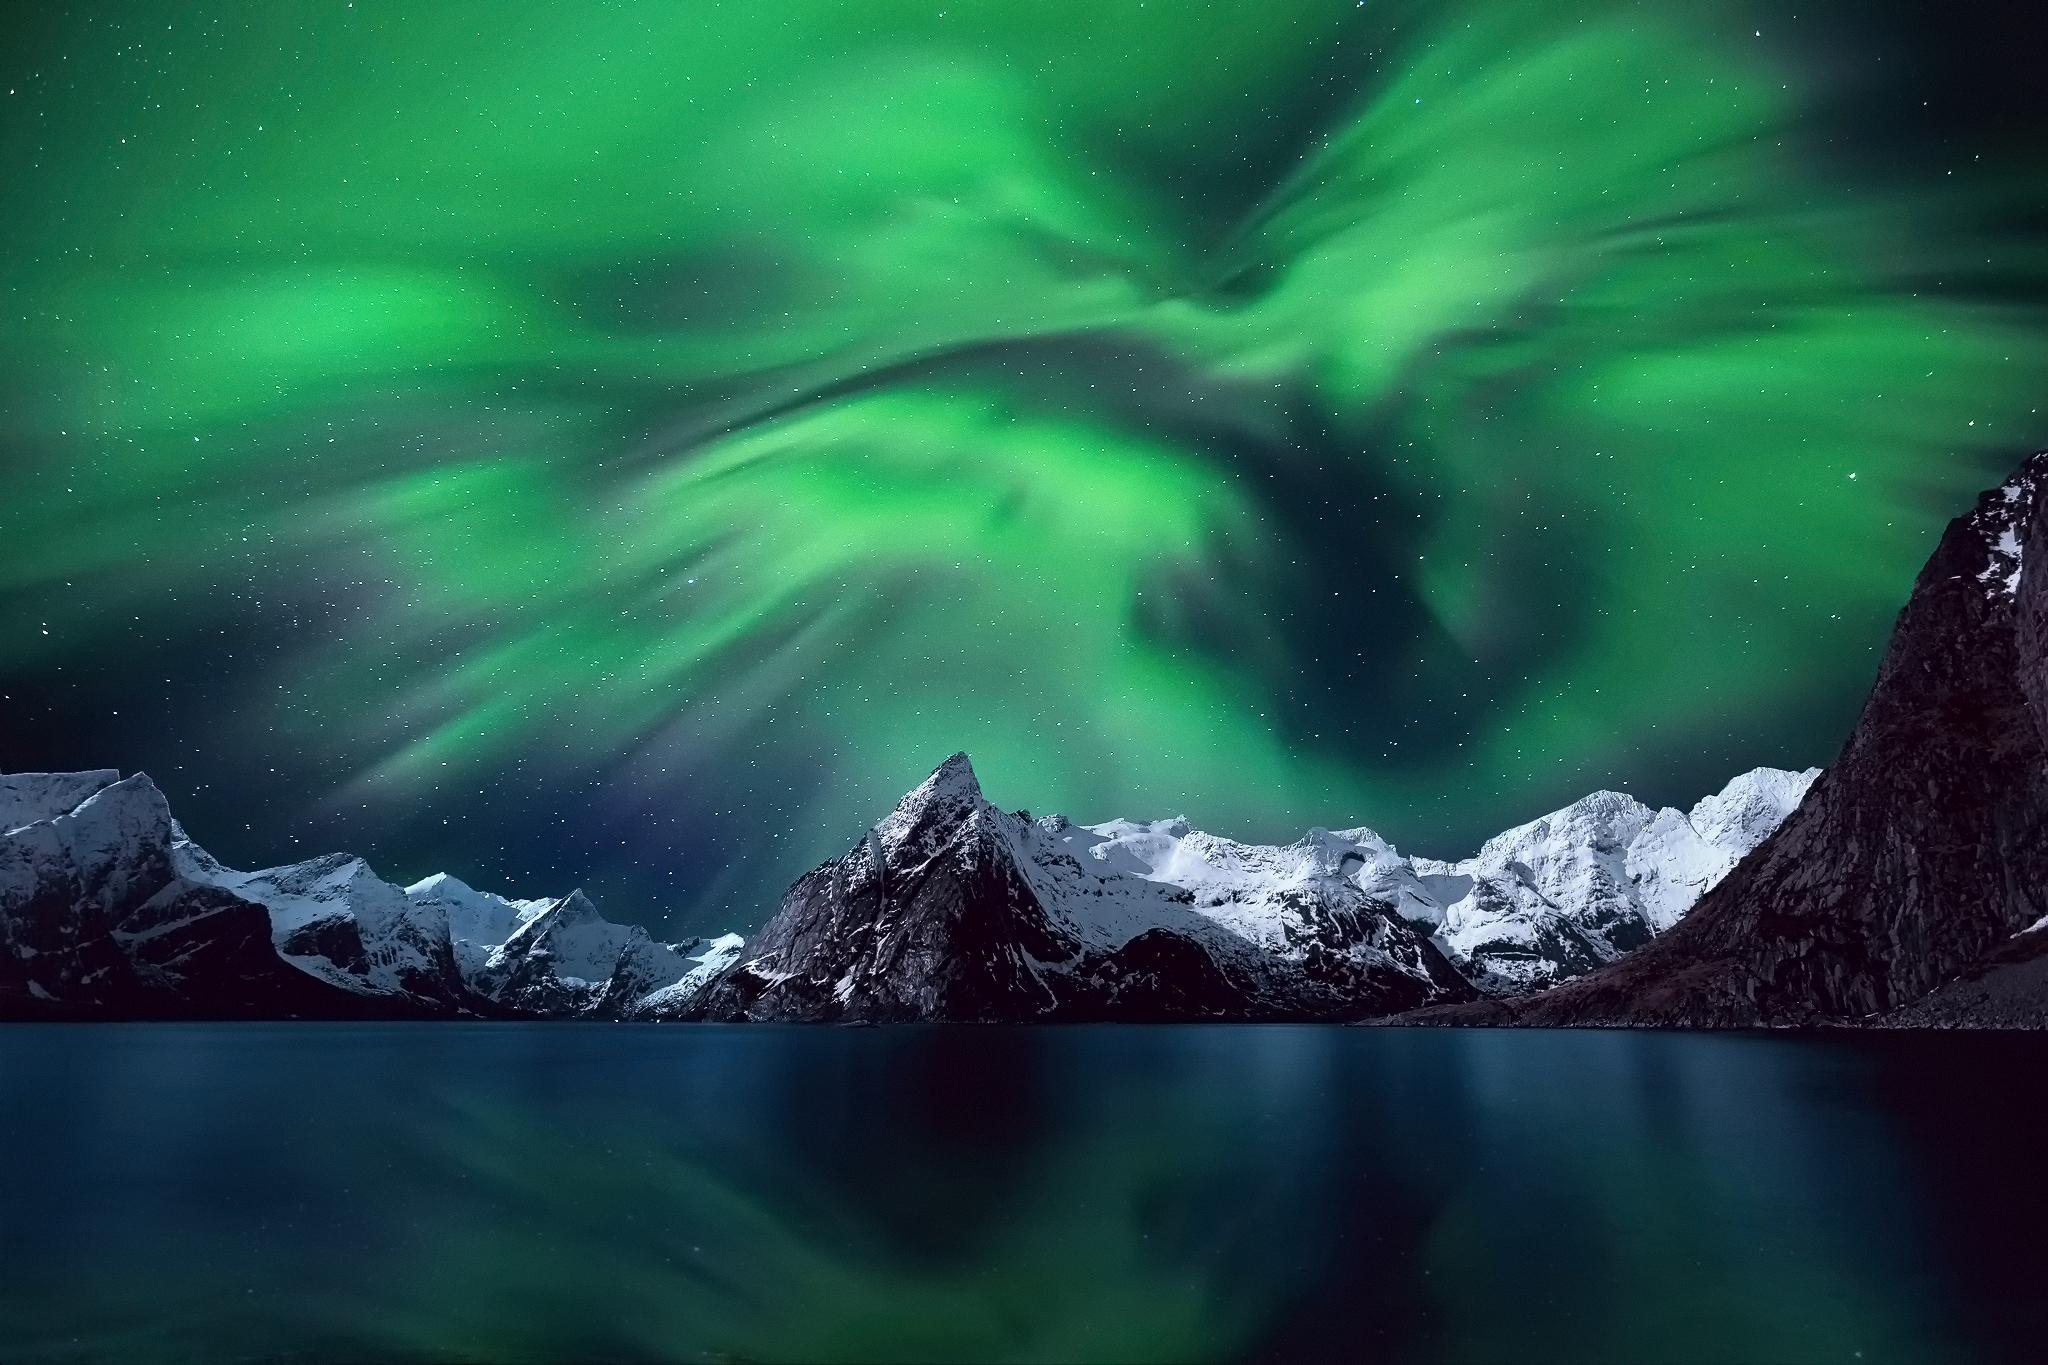 The aurora sfondi per pc 2048x1365 id 598518 for Sfondi desktop aurora boreale